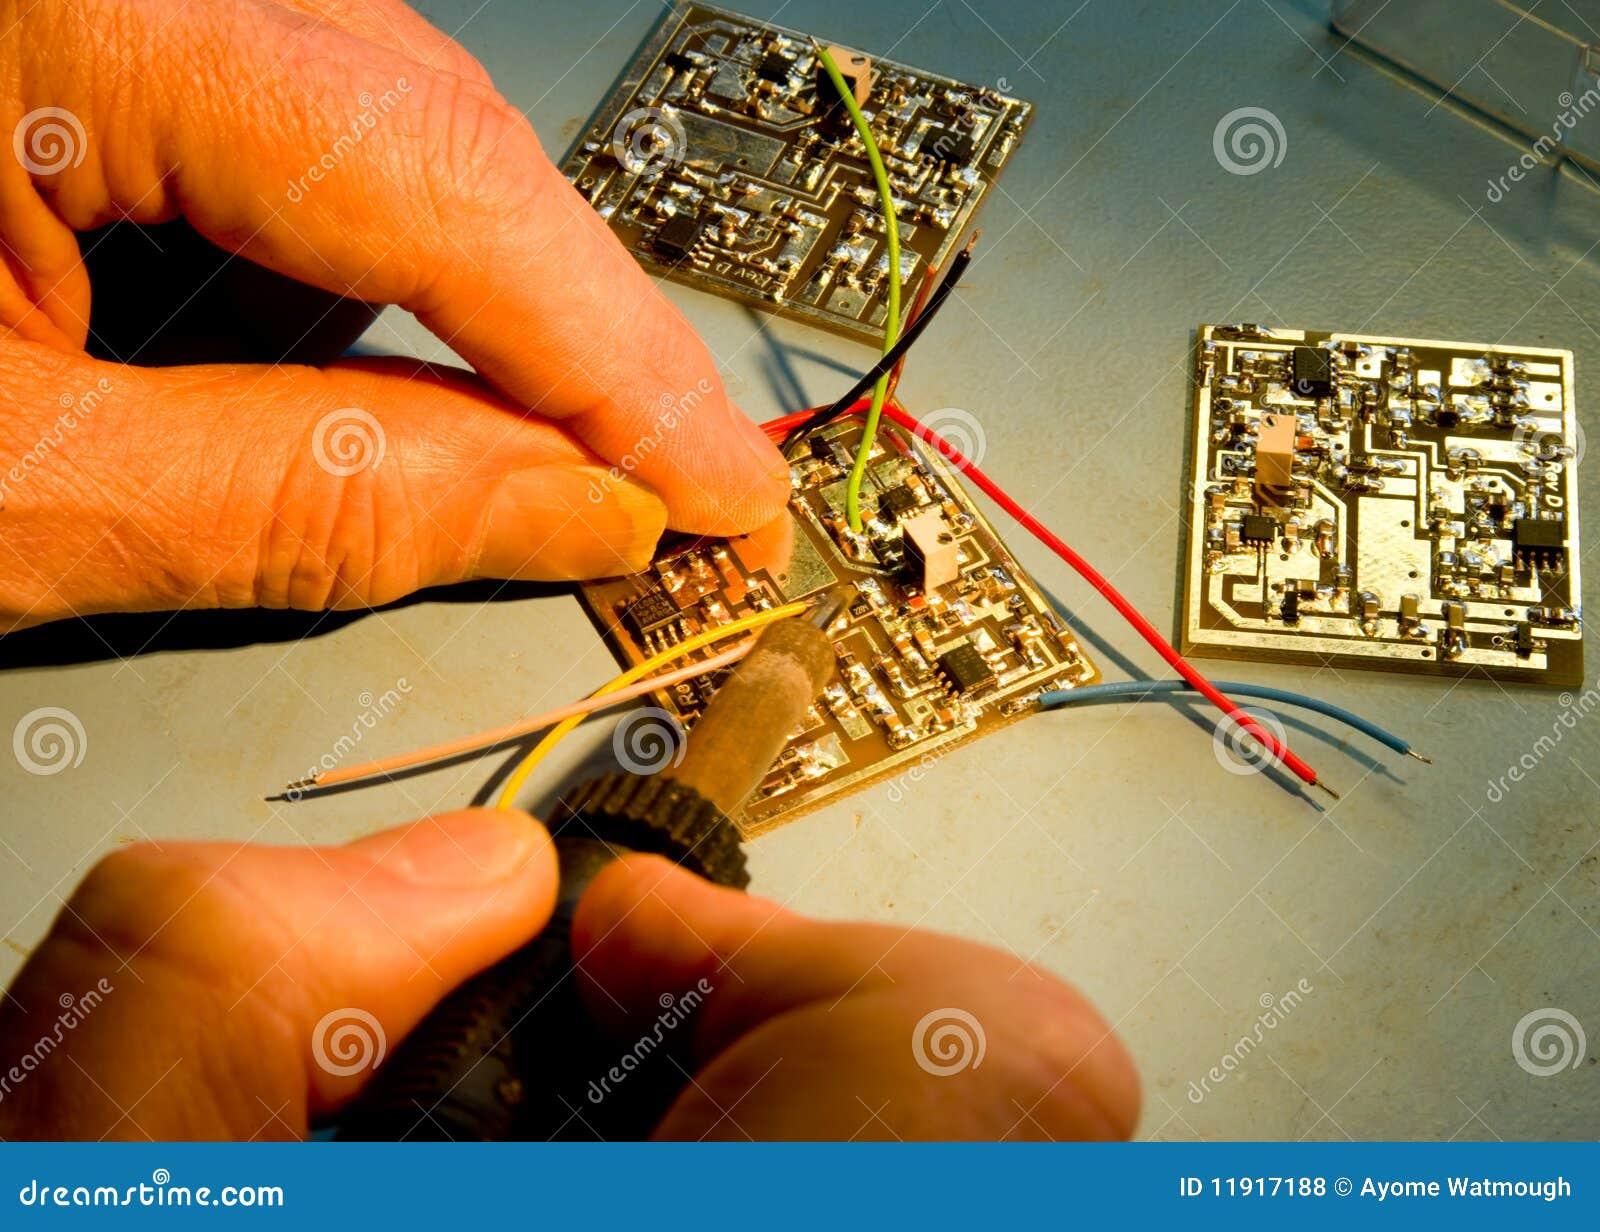 Fios de solda do coordenador a uma placa de circuito.